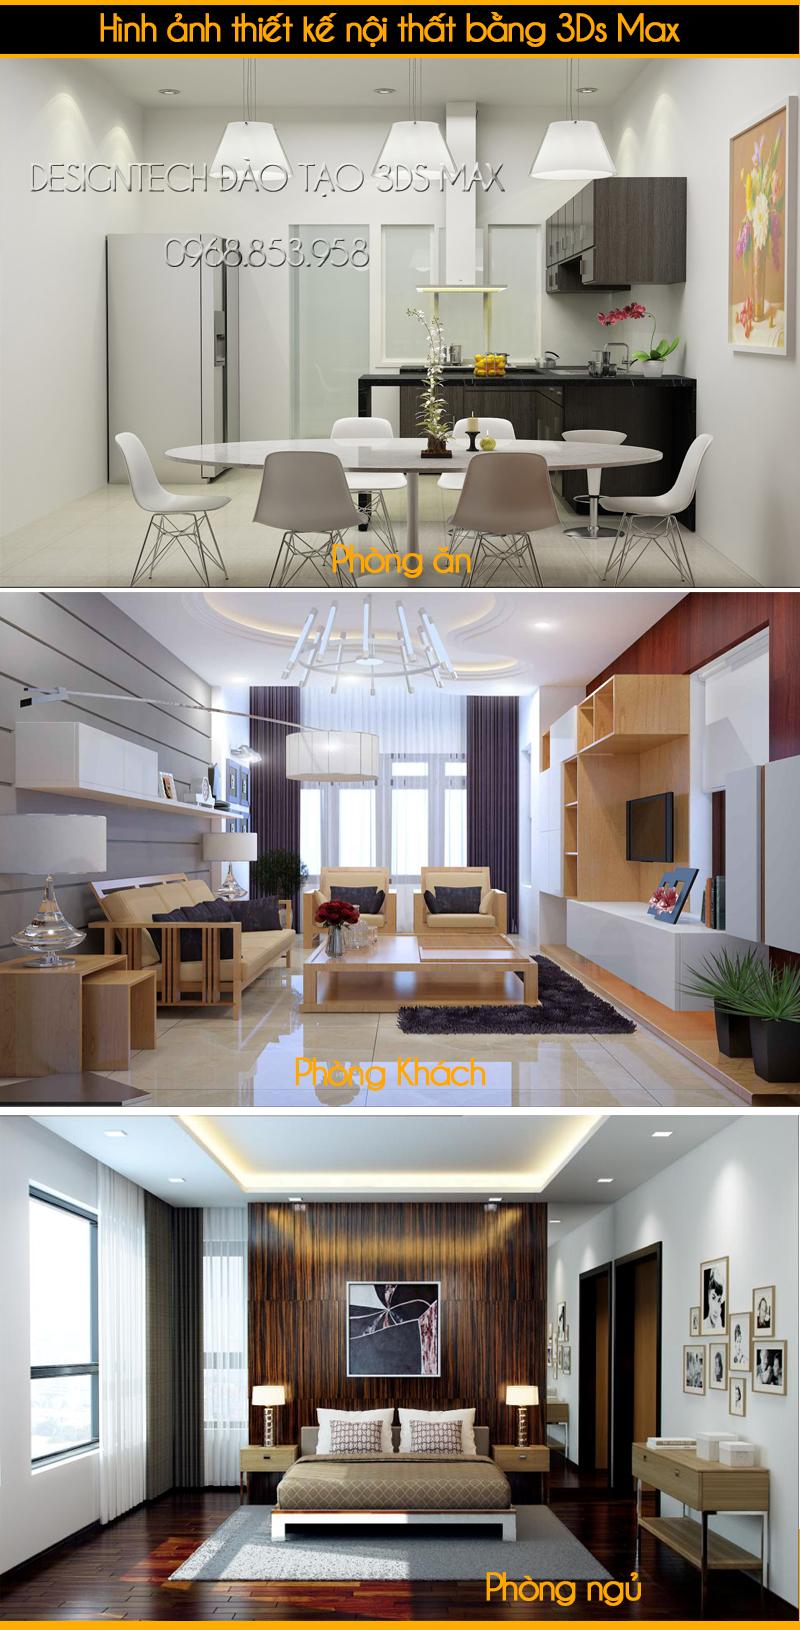 Khóa học dựng hình 3Dsmax và vray tại Hà Nội